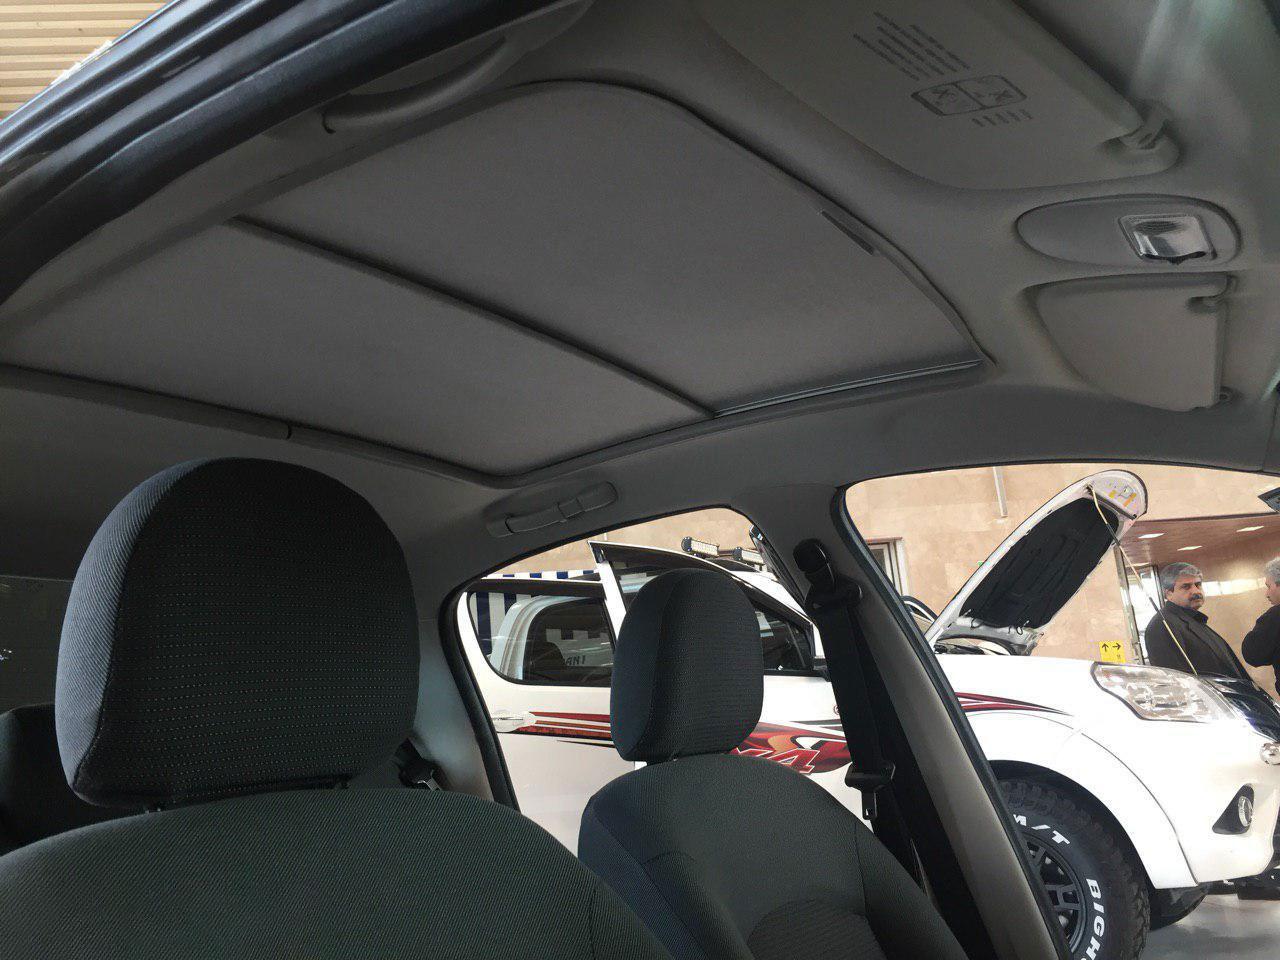 تصویری از نمای داخل پژو 207 با سقف شیشه ای